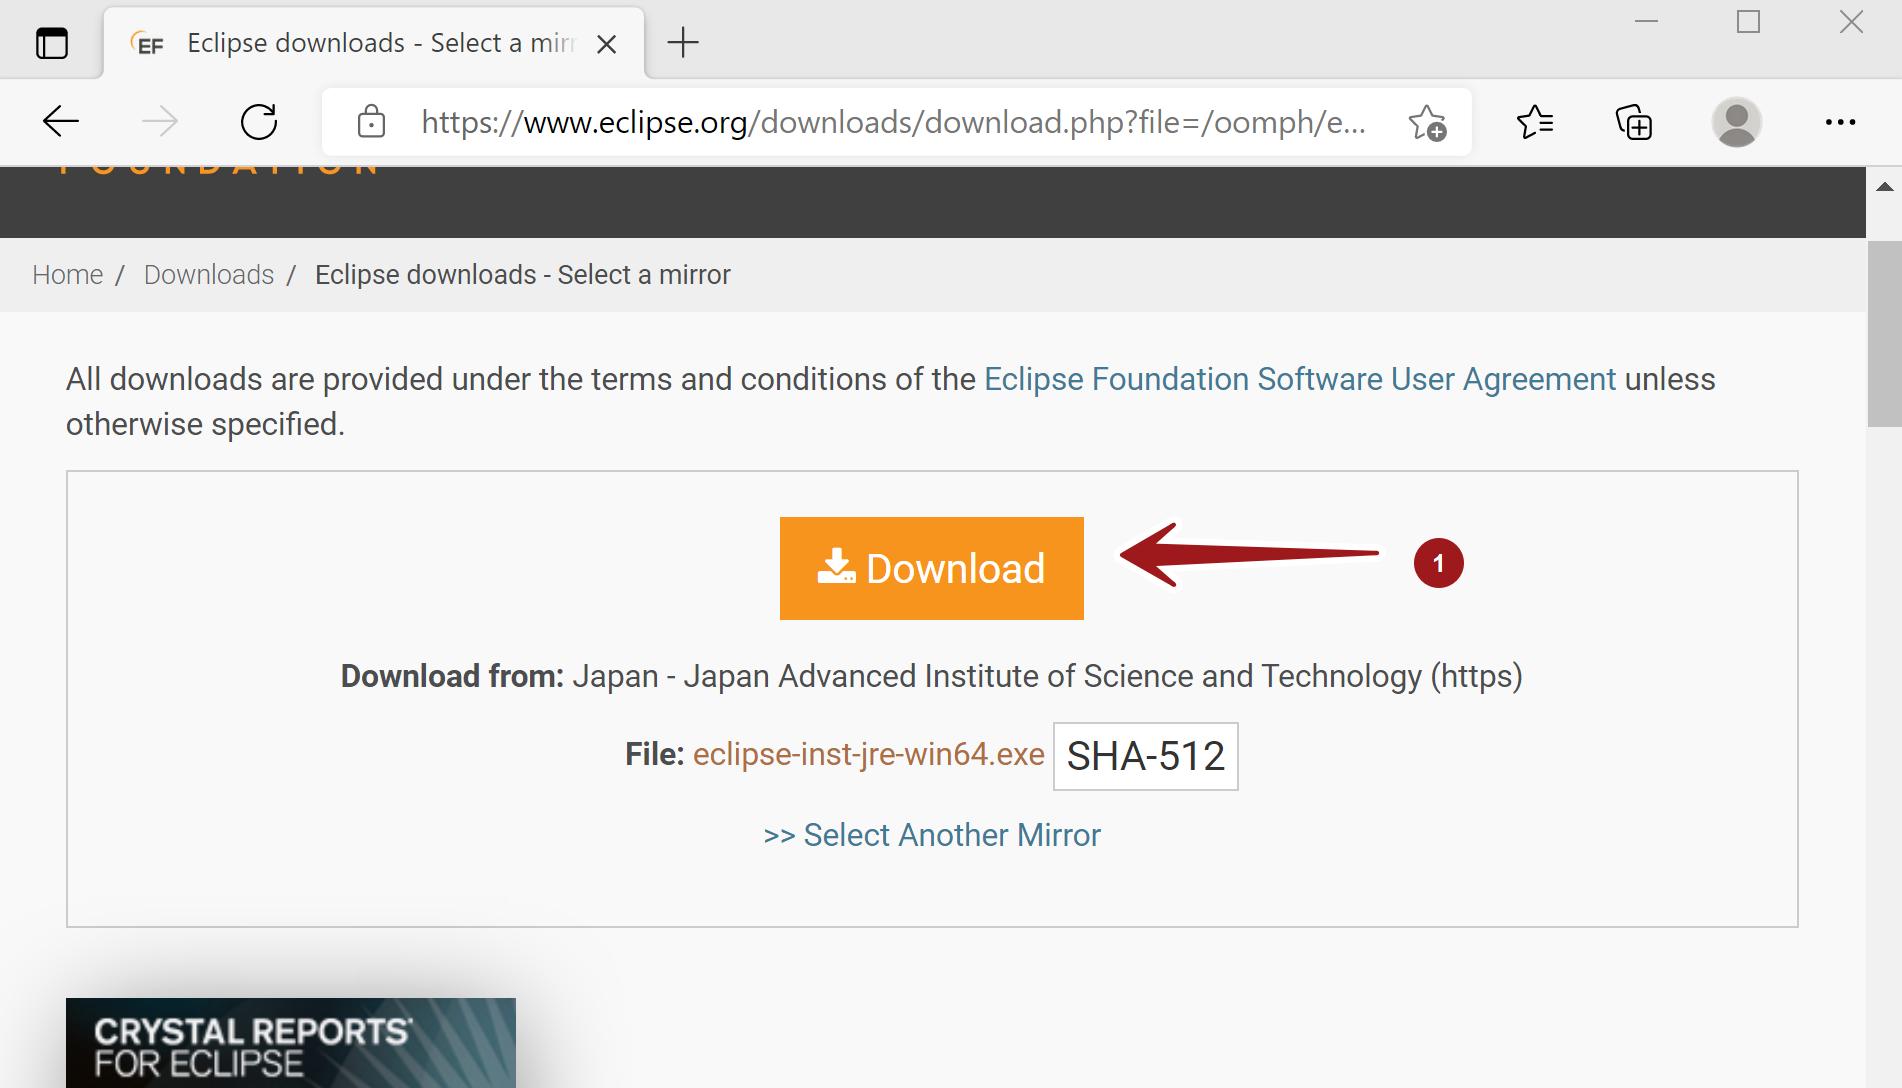 Eclipse Installer Download Button